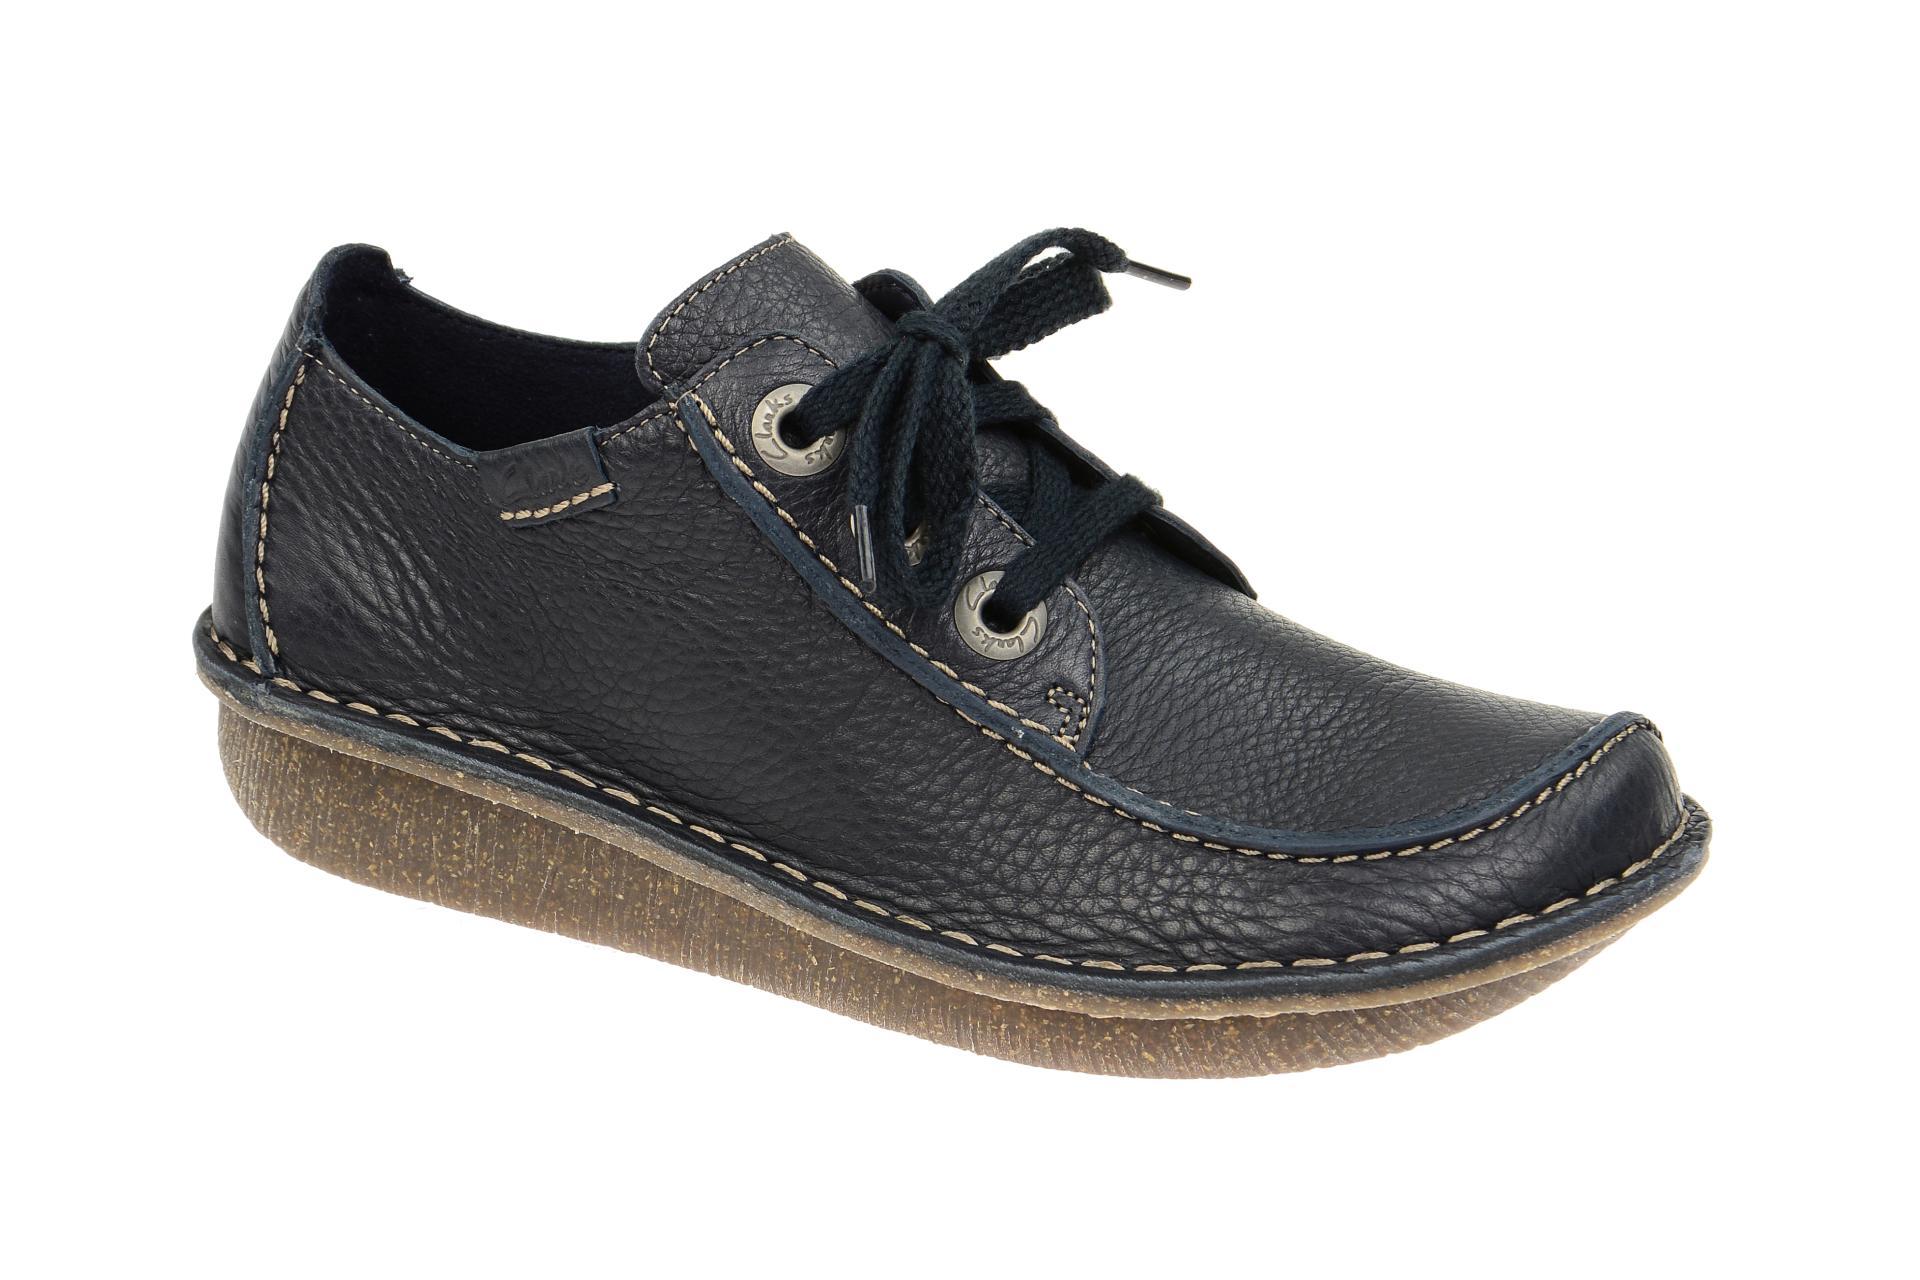 7f9369b317 Clarks Schuhe FUNNY DREAM blau Damenschuhe bequeme Schnür-Halbschuhe  20301123 4